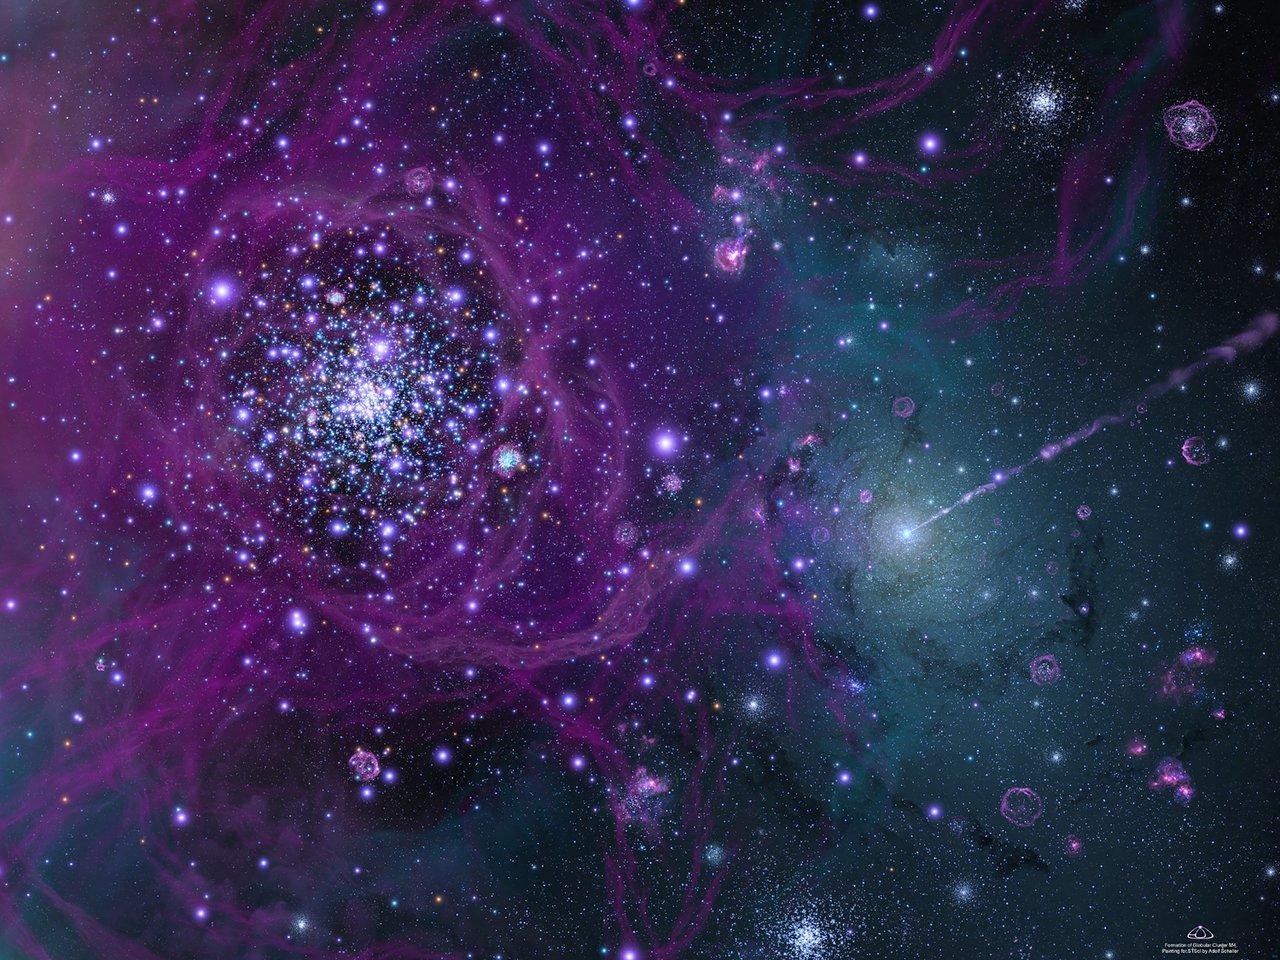 Birth of Our Galaxy